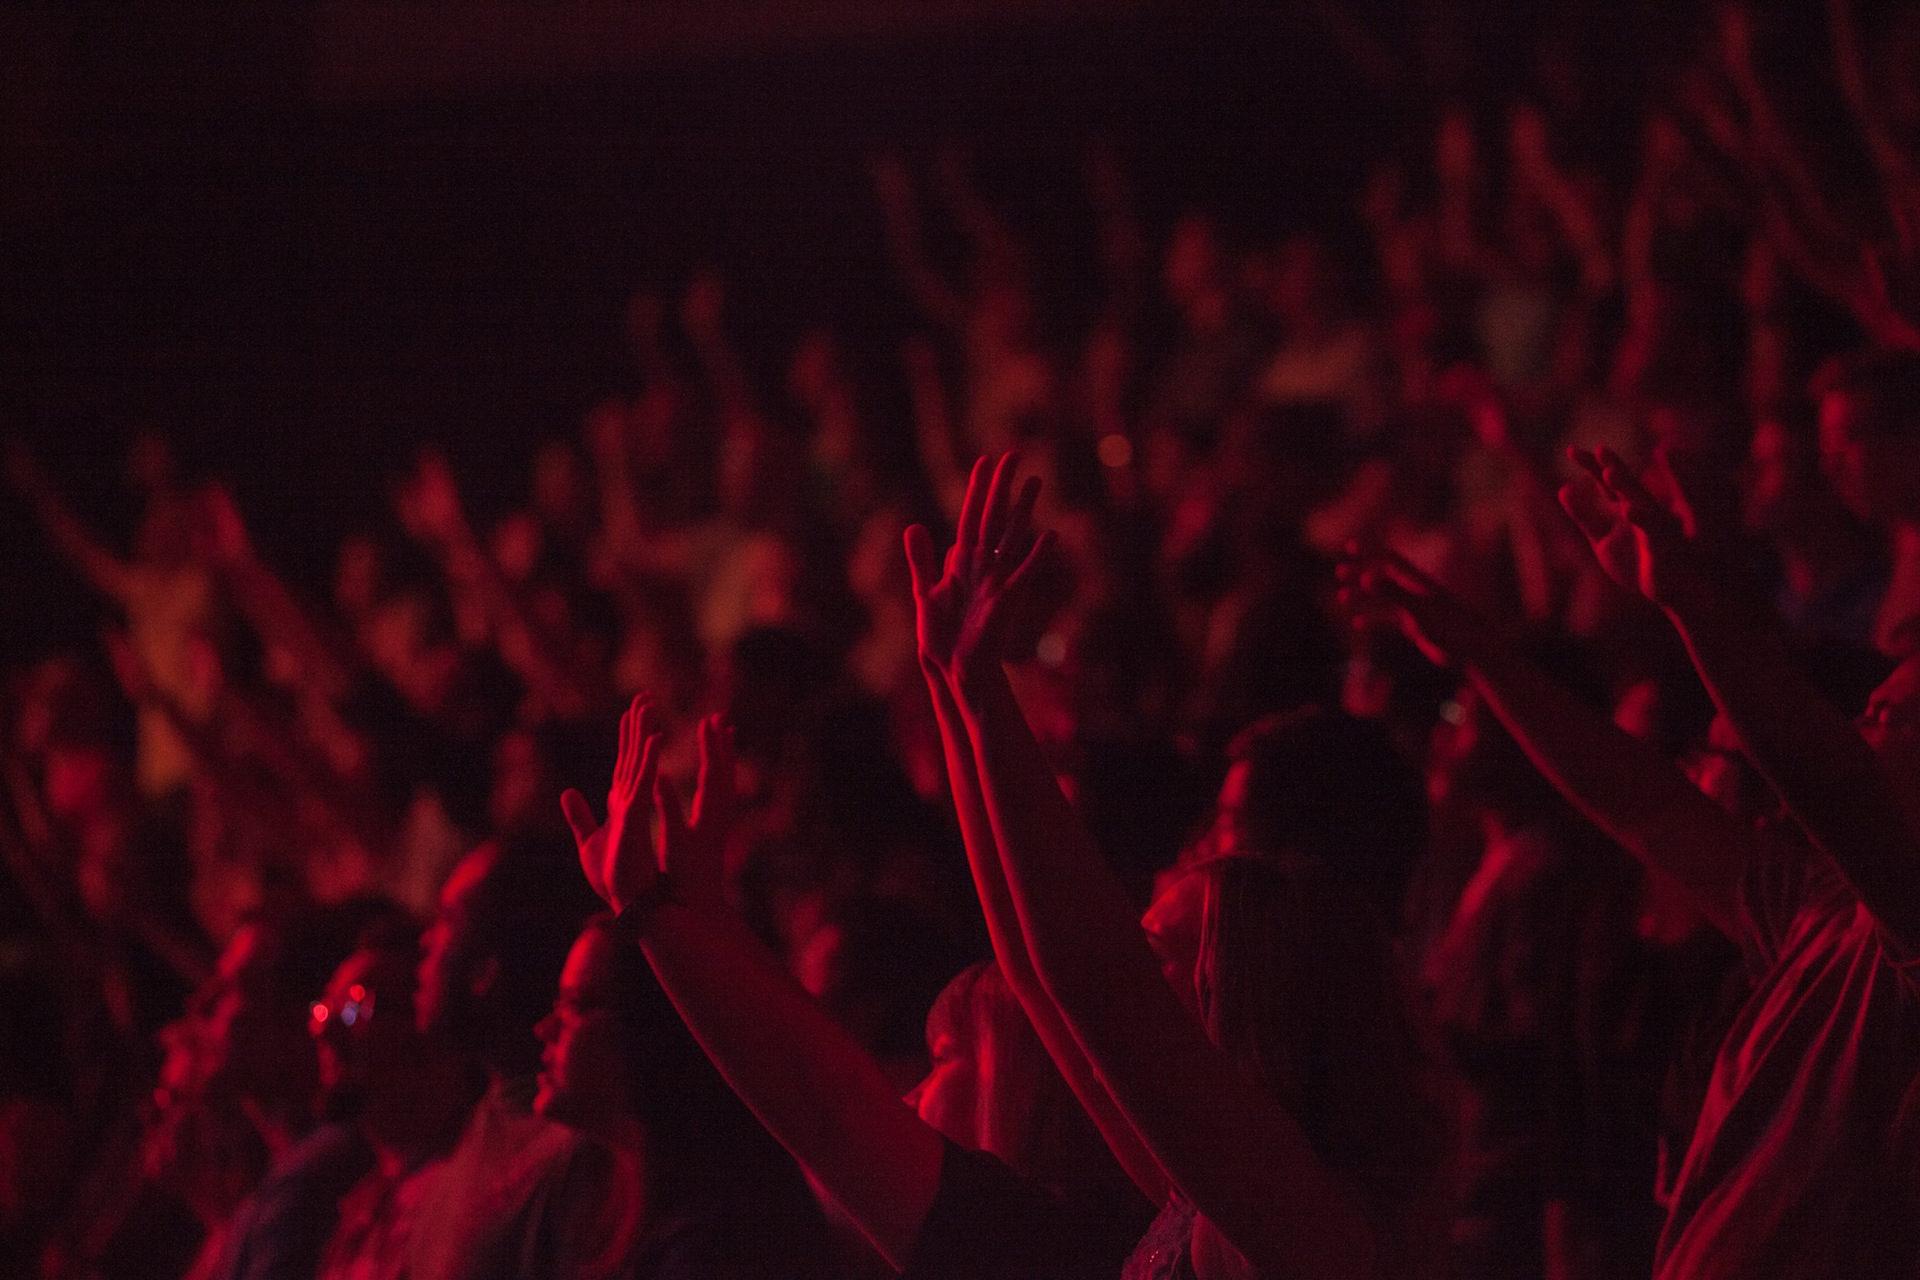 concerto, musica, Visualizza, spettatori, Rosso - Sfondi HD - Professor-falken.com